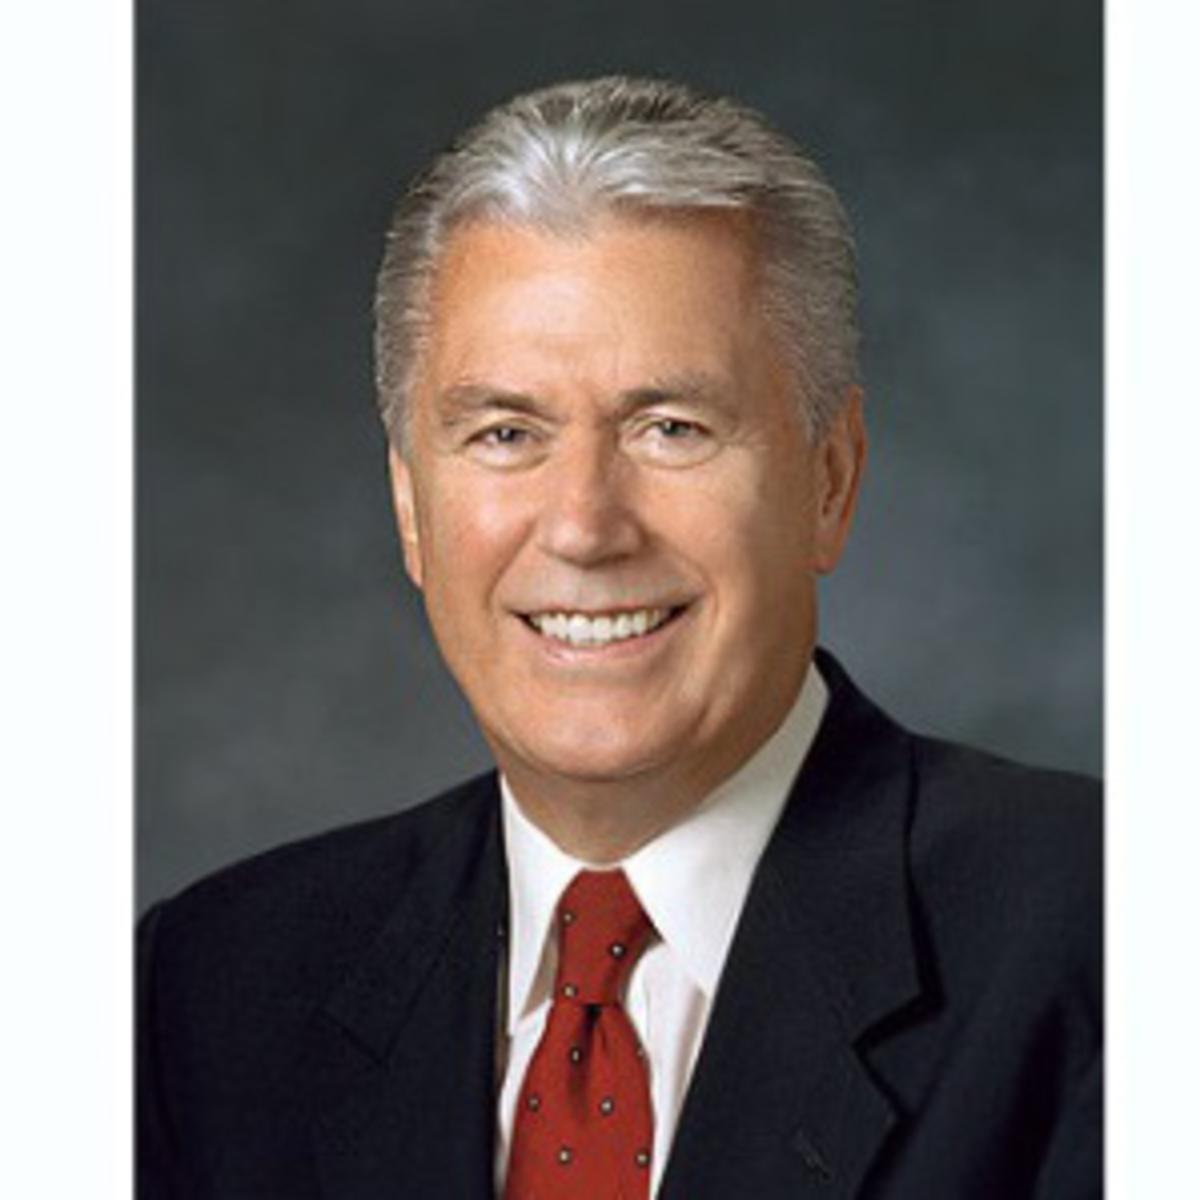 Elder Dieter F Uchtdorf